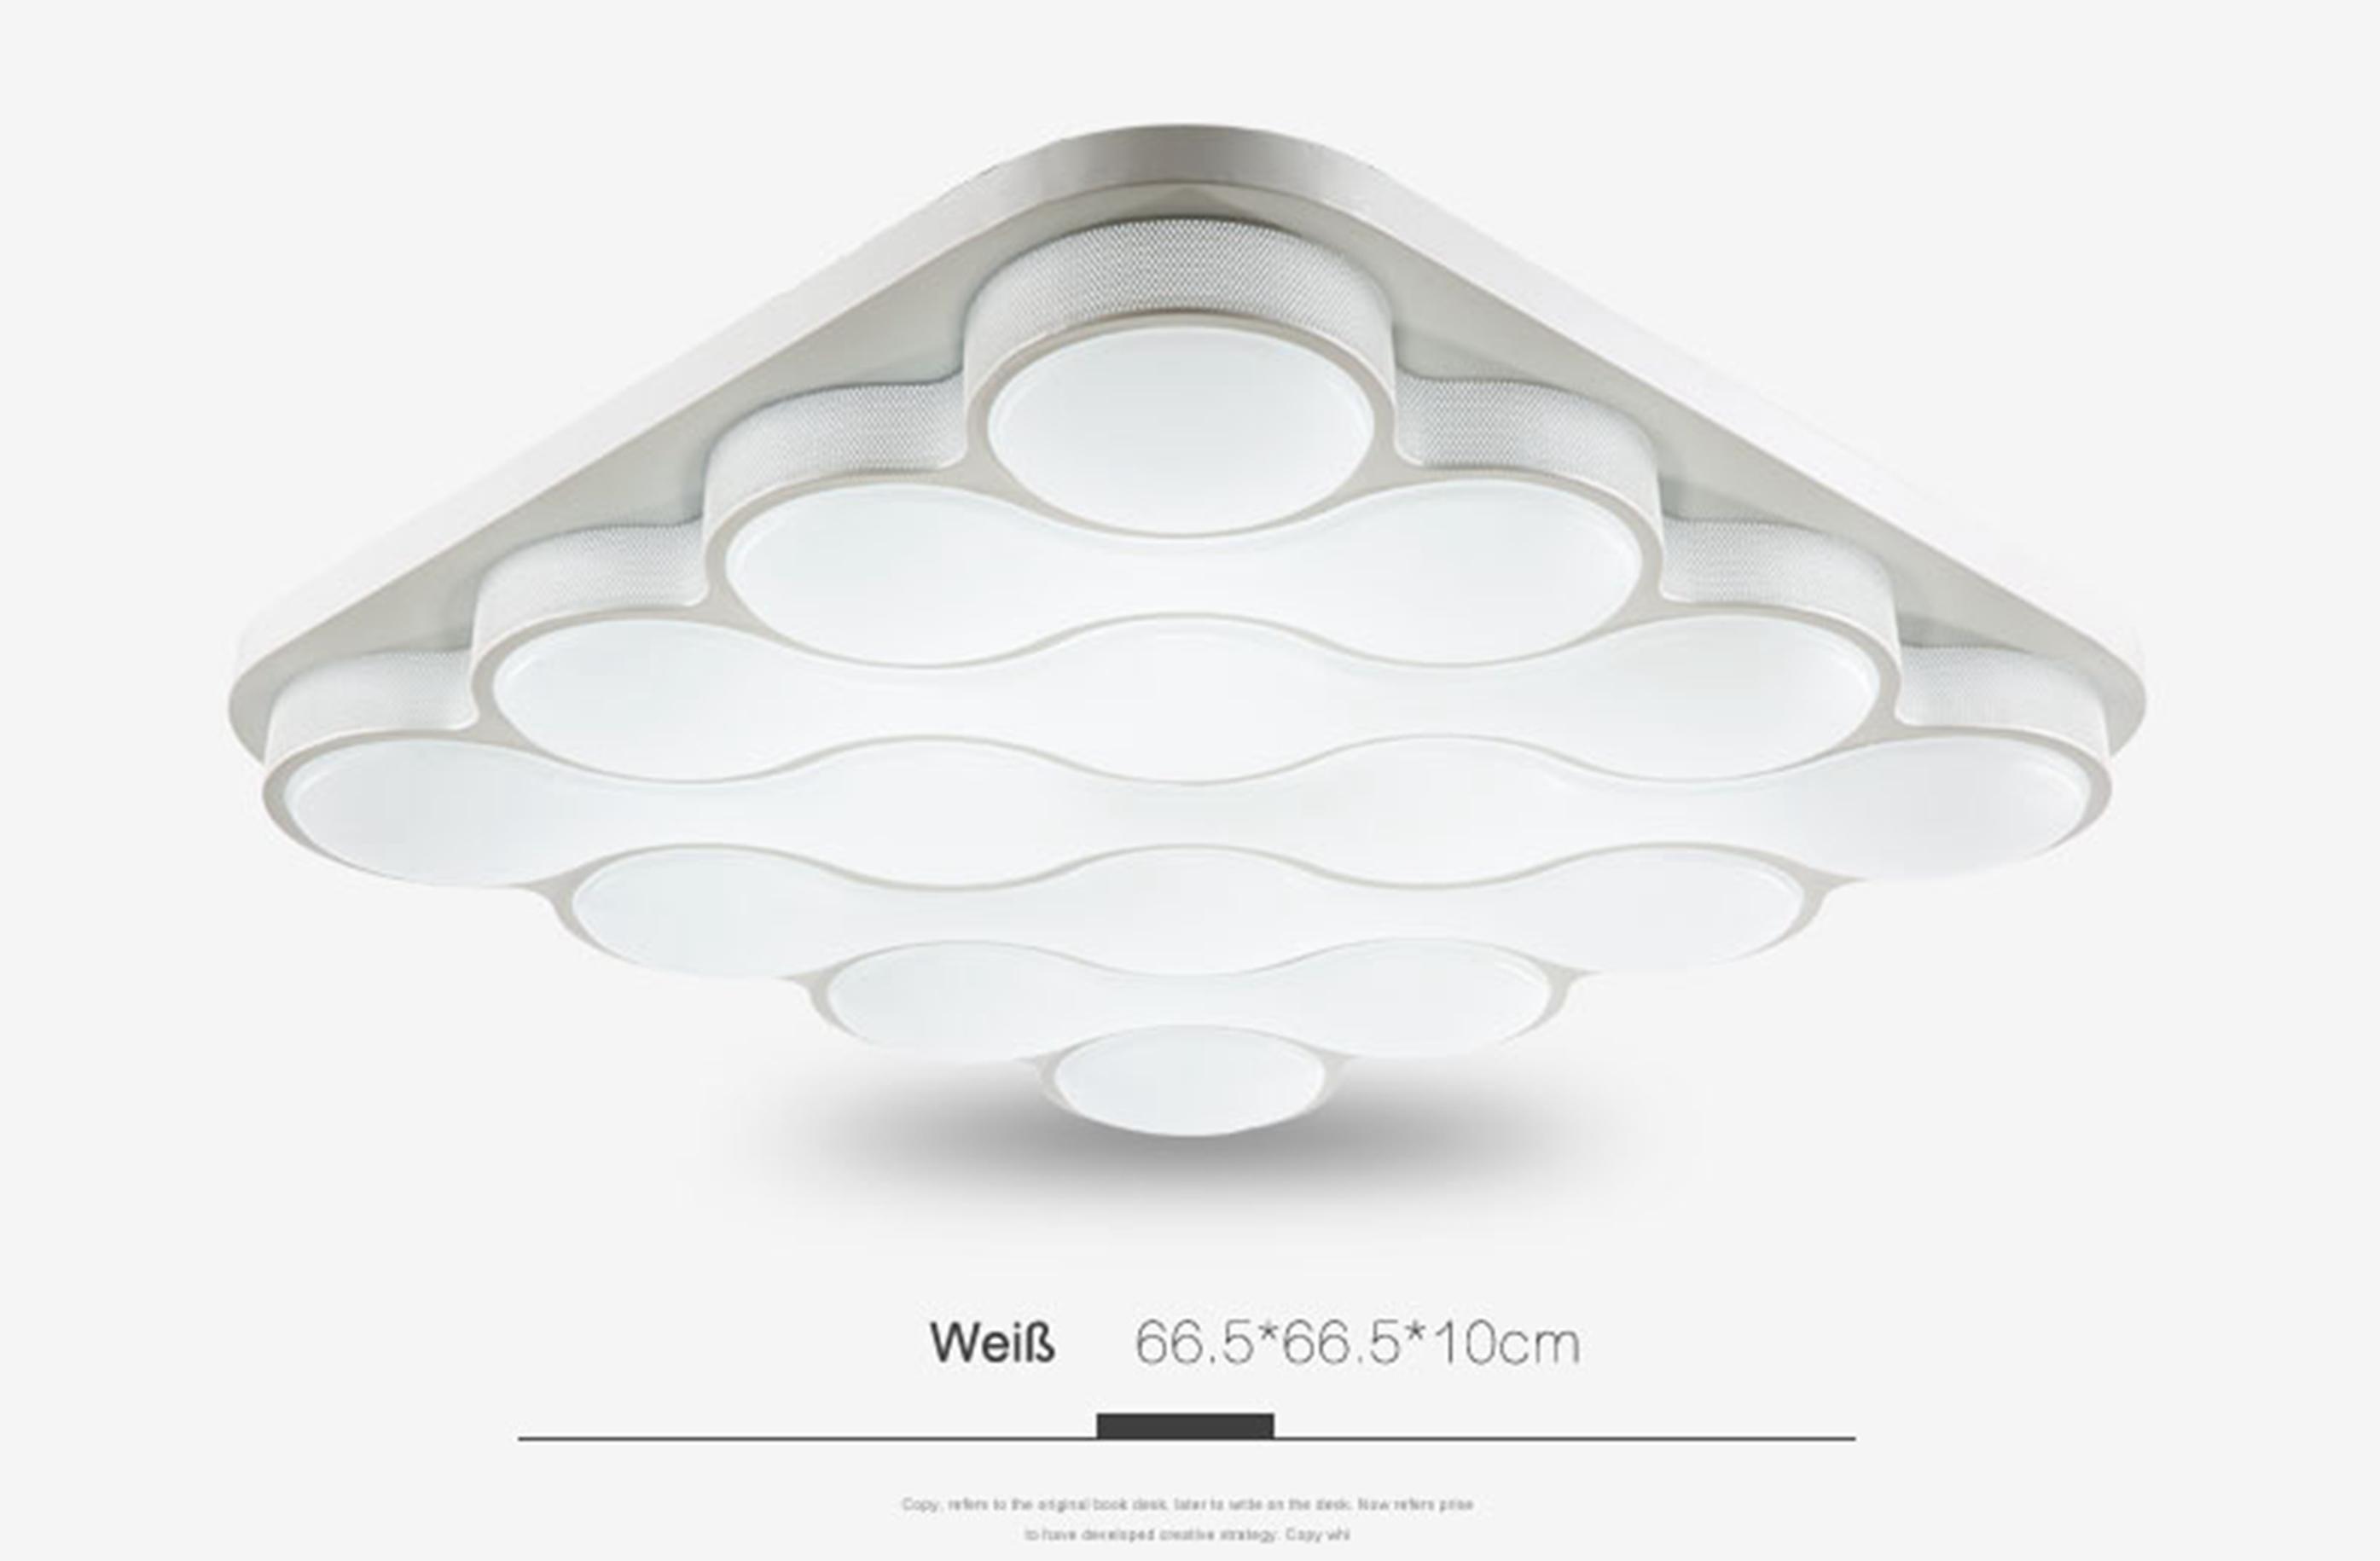 led deckenlampe deckenleuchten 24w 54w wandlampe p500 dimmbar beleuchtung lampe ebay. Black Bedroom Furniture Sets. Home Design Ideas